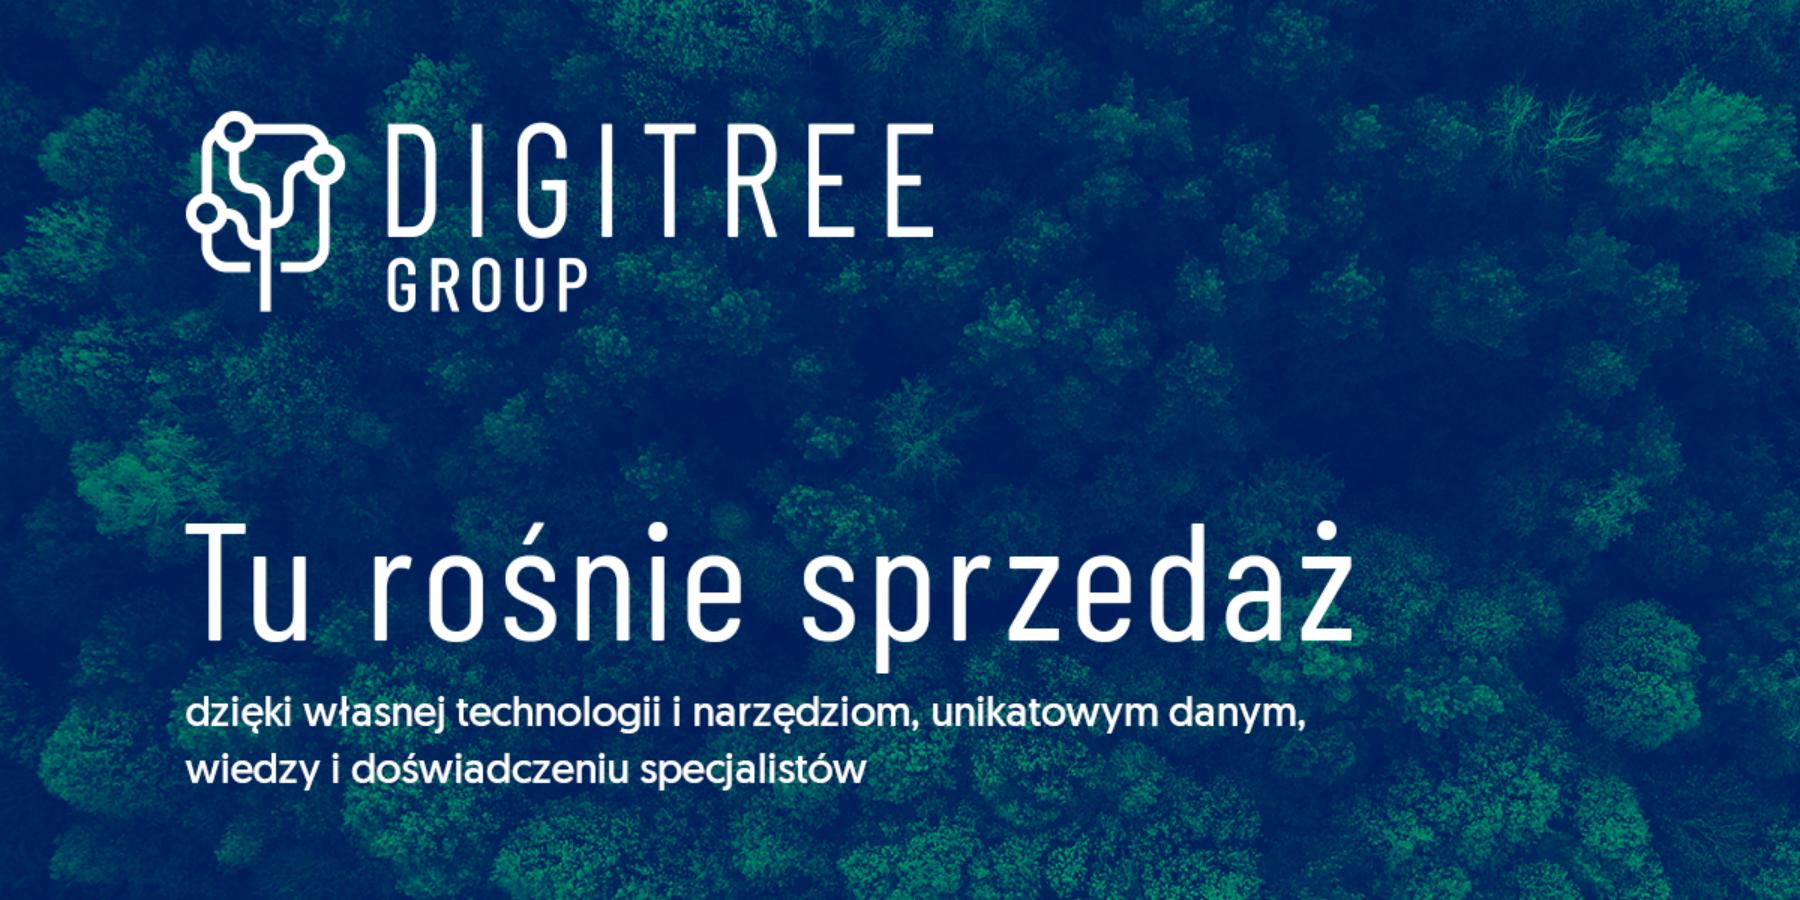 Rebranding Grupy SARE efektem finalizacji strategii rozwoju  wkierunku kompleksowego digitalu